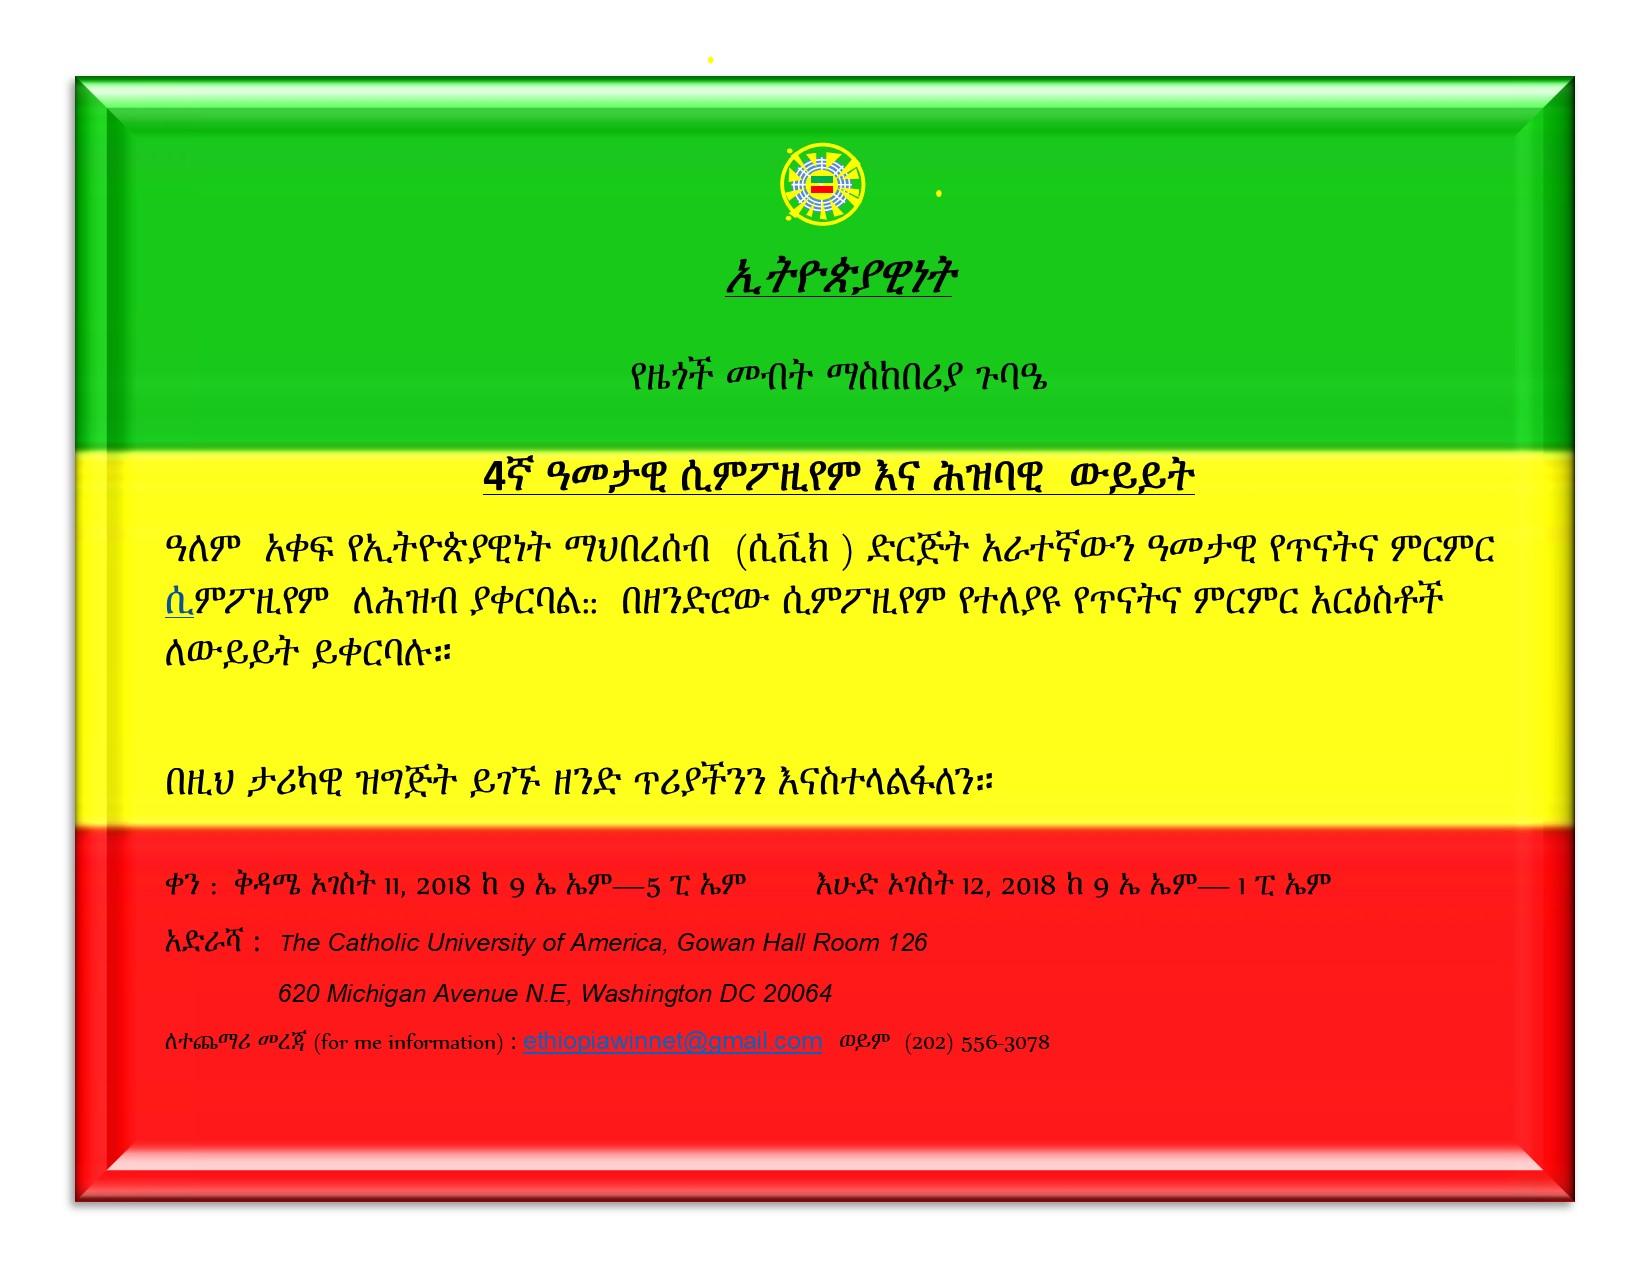 Ethiopiawinnet 4th Symposium Flyer 4.jpg